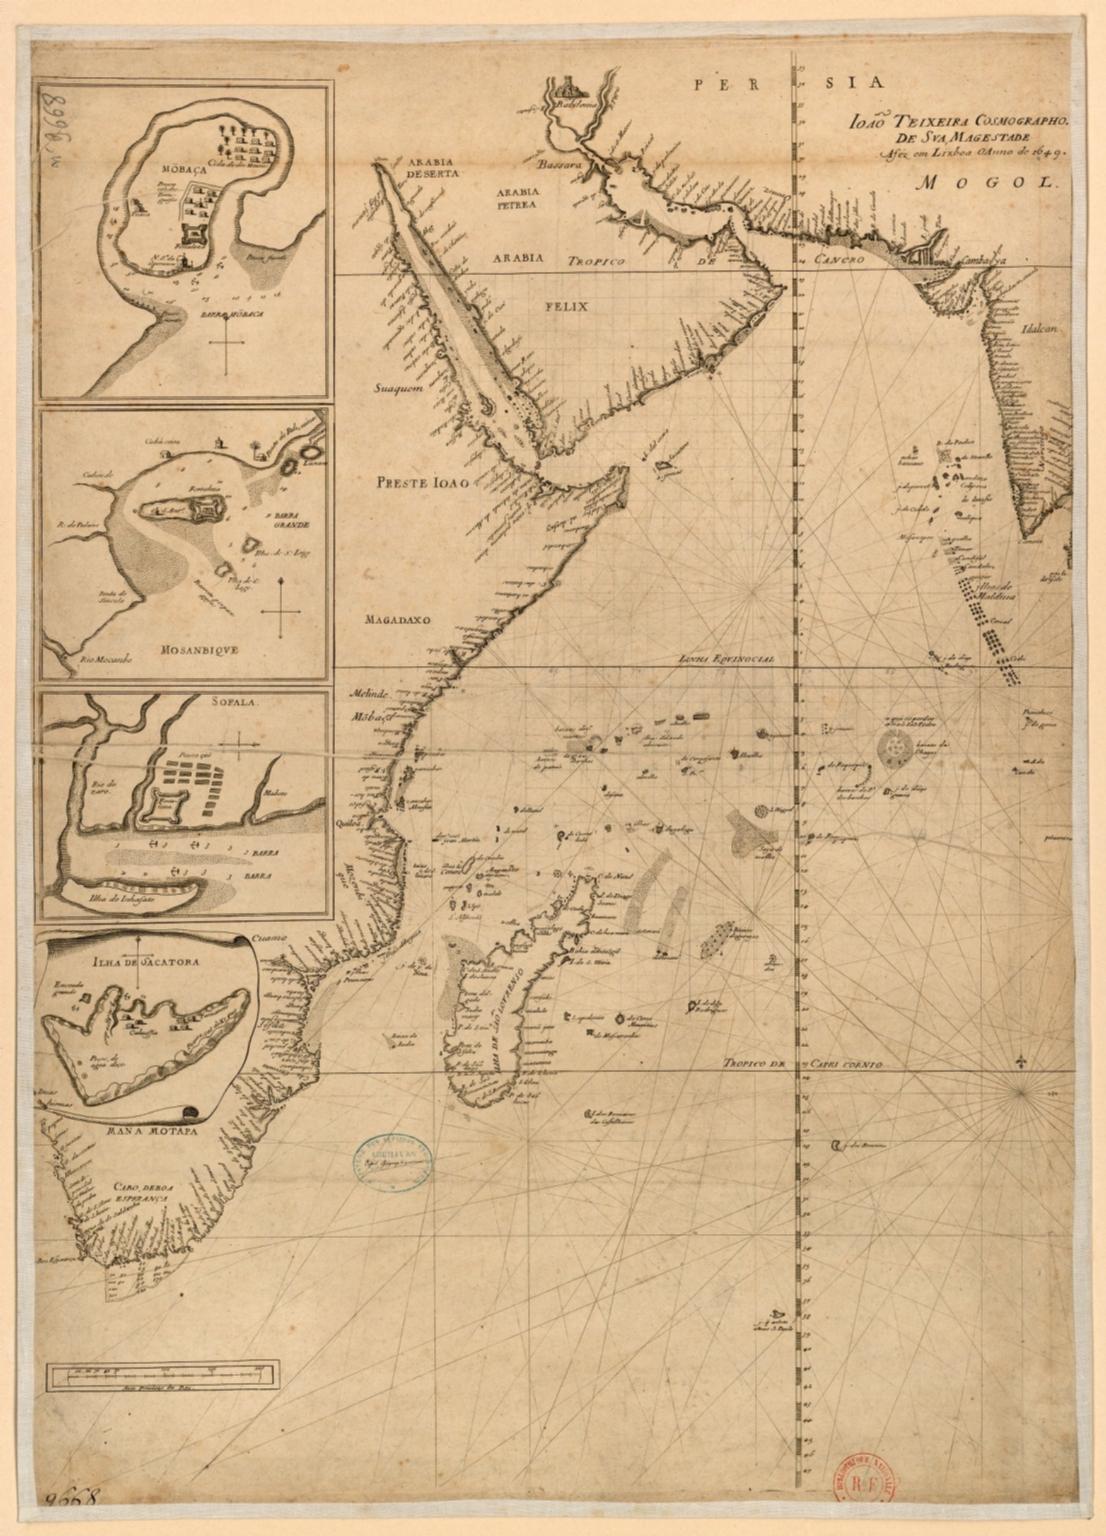 Carte portugaise de la mer des Indes entre le Cap de Bonne Espérance et le Cap Comorin